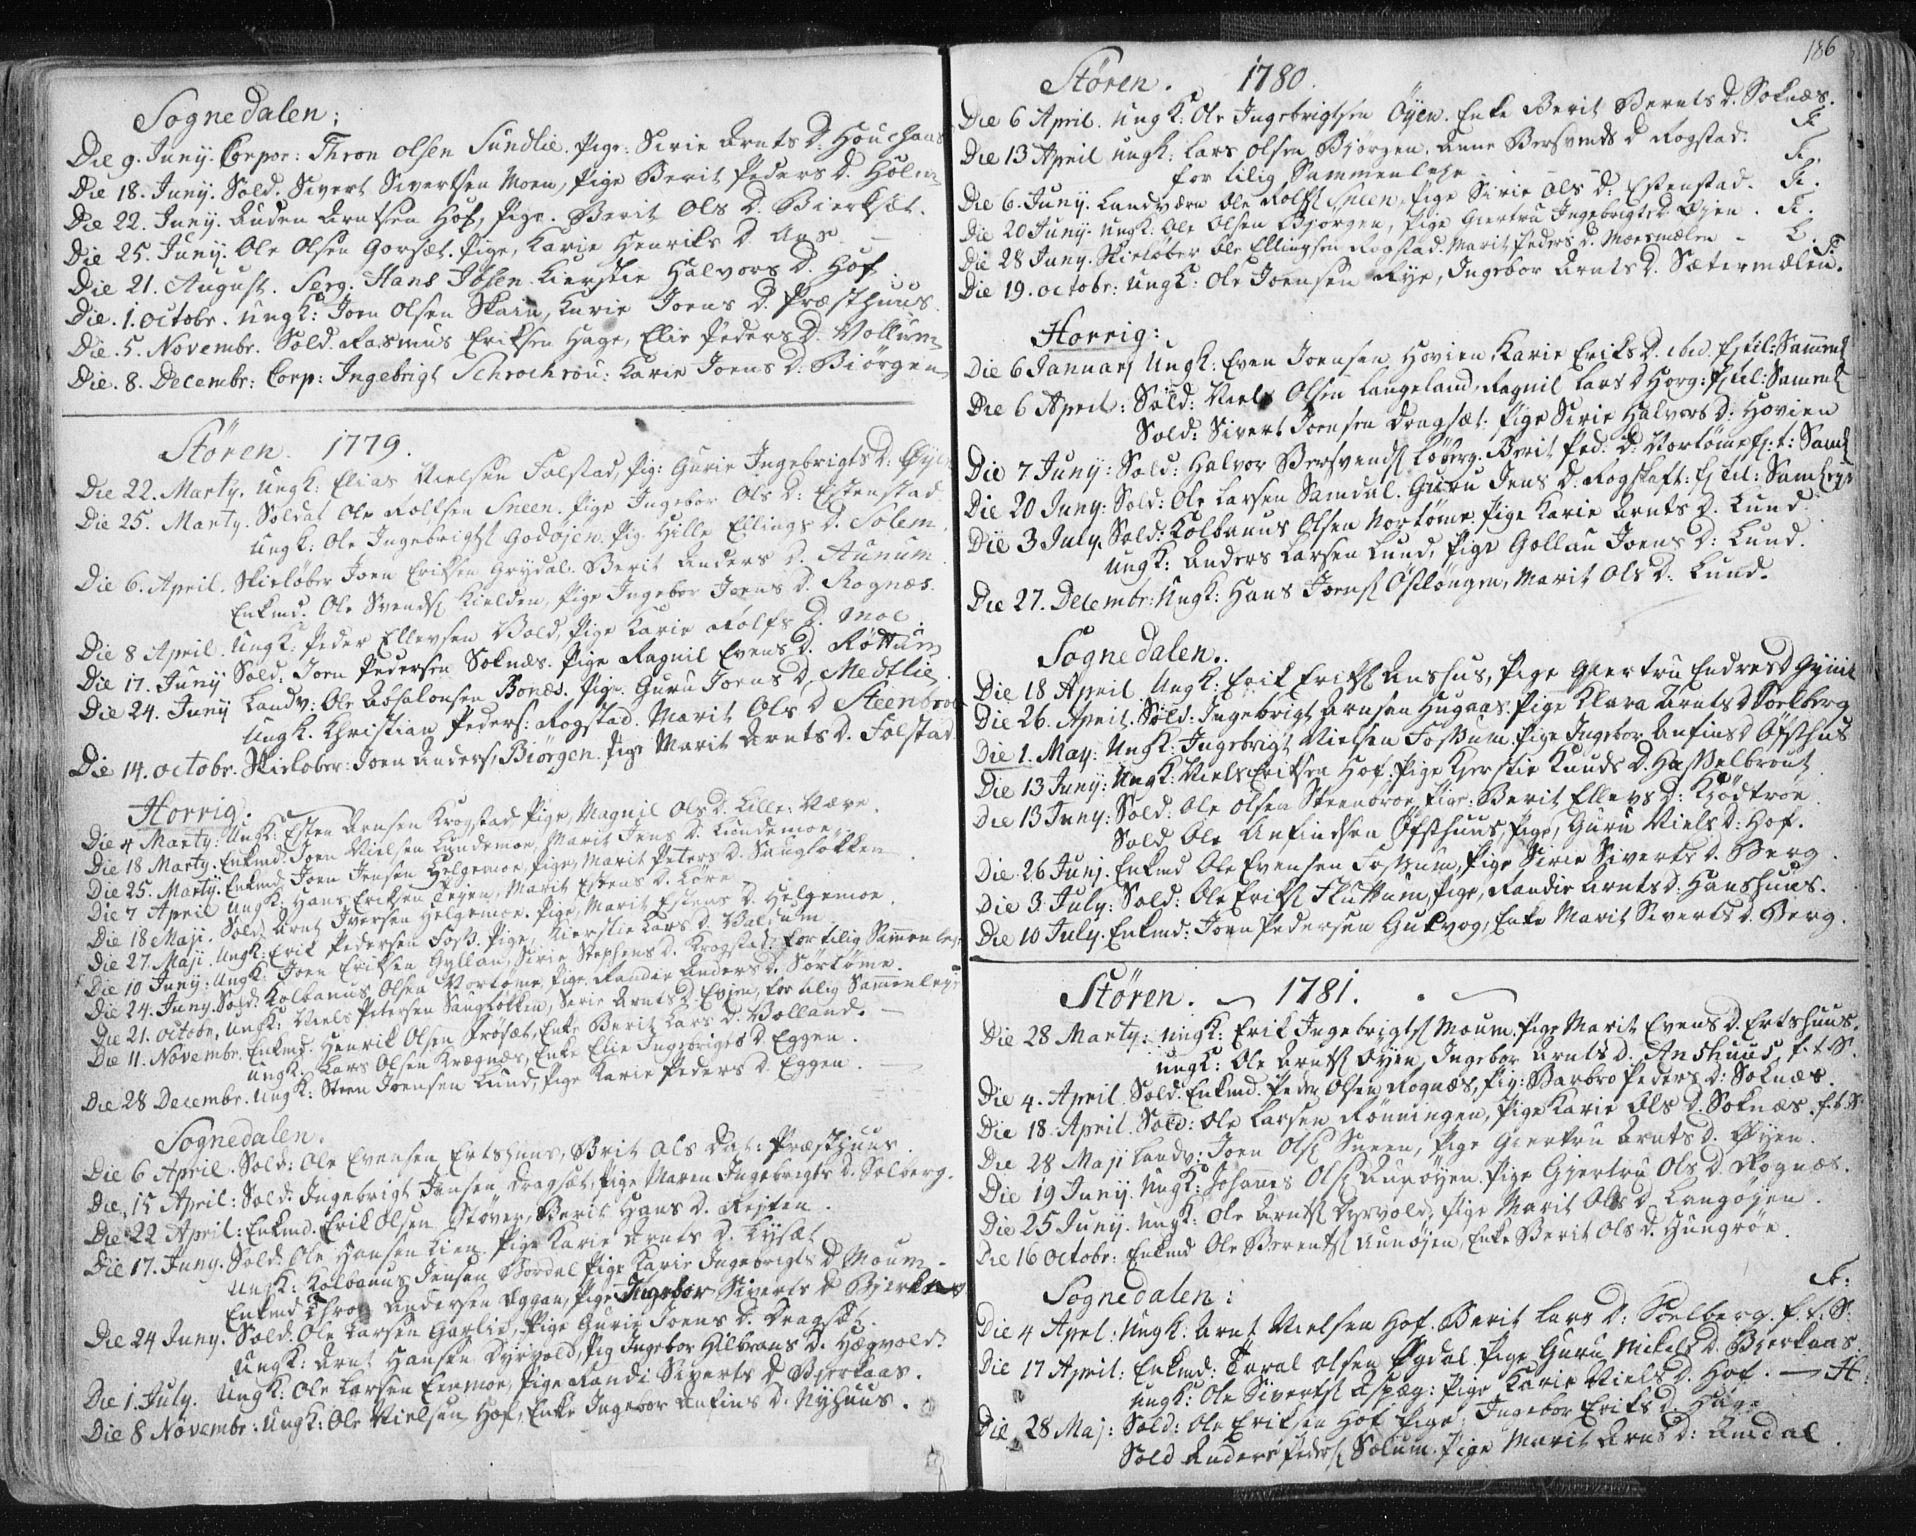 SAT, Ministerialprotokoller, klokkerbøker og fødselsregistre - Sør-Trøndelag, 687/L0991: Ministerialbok nr. 687A02, 1747-1790, s. 186